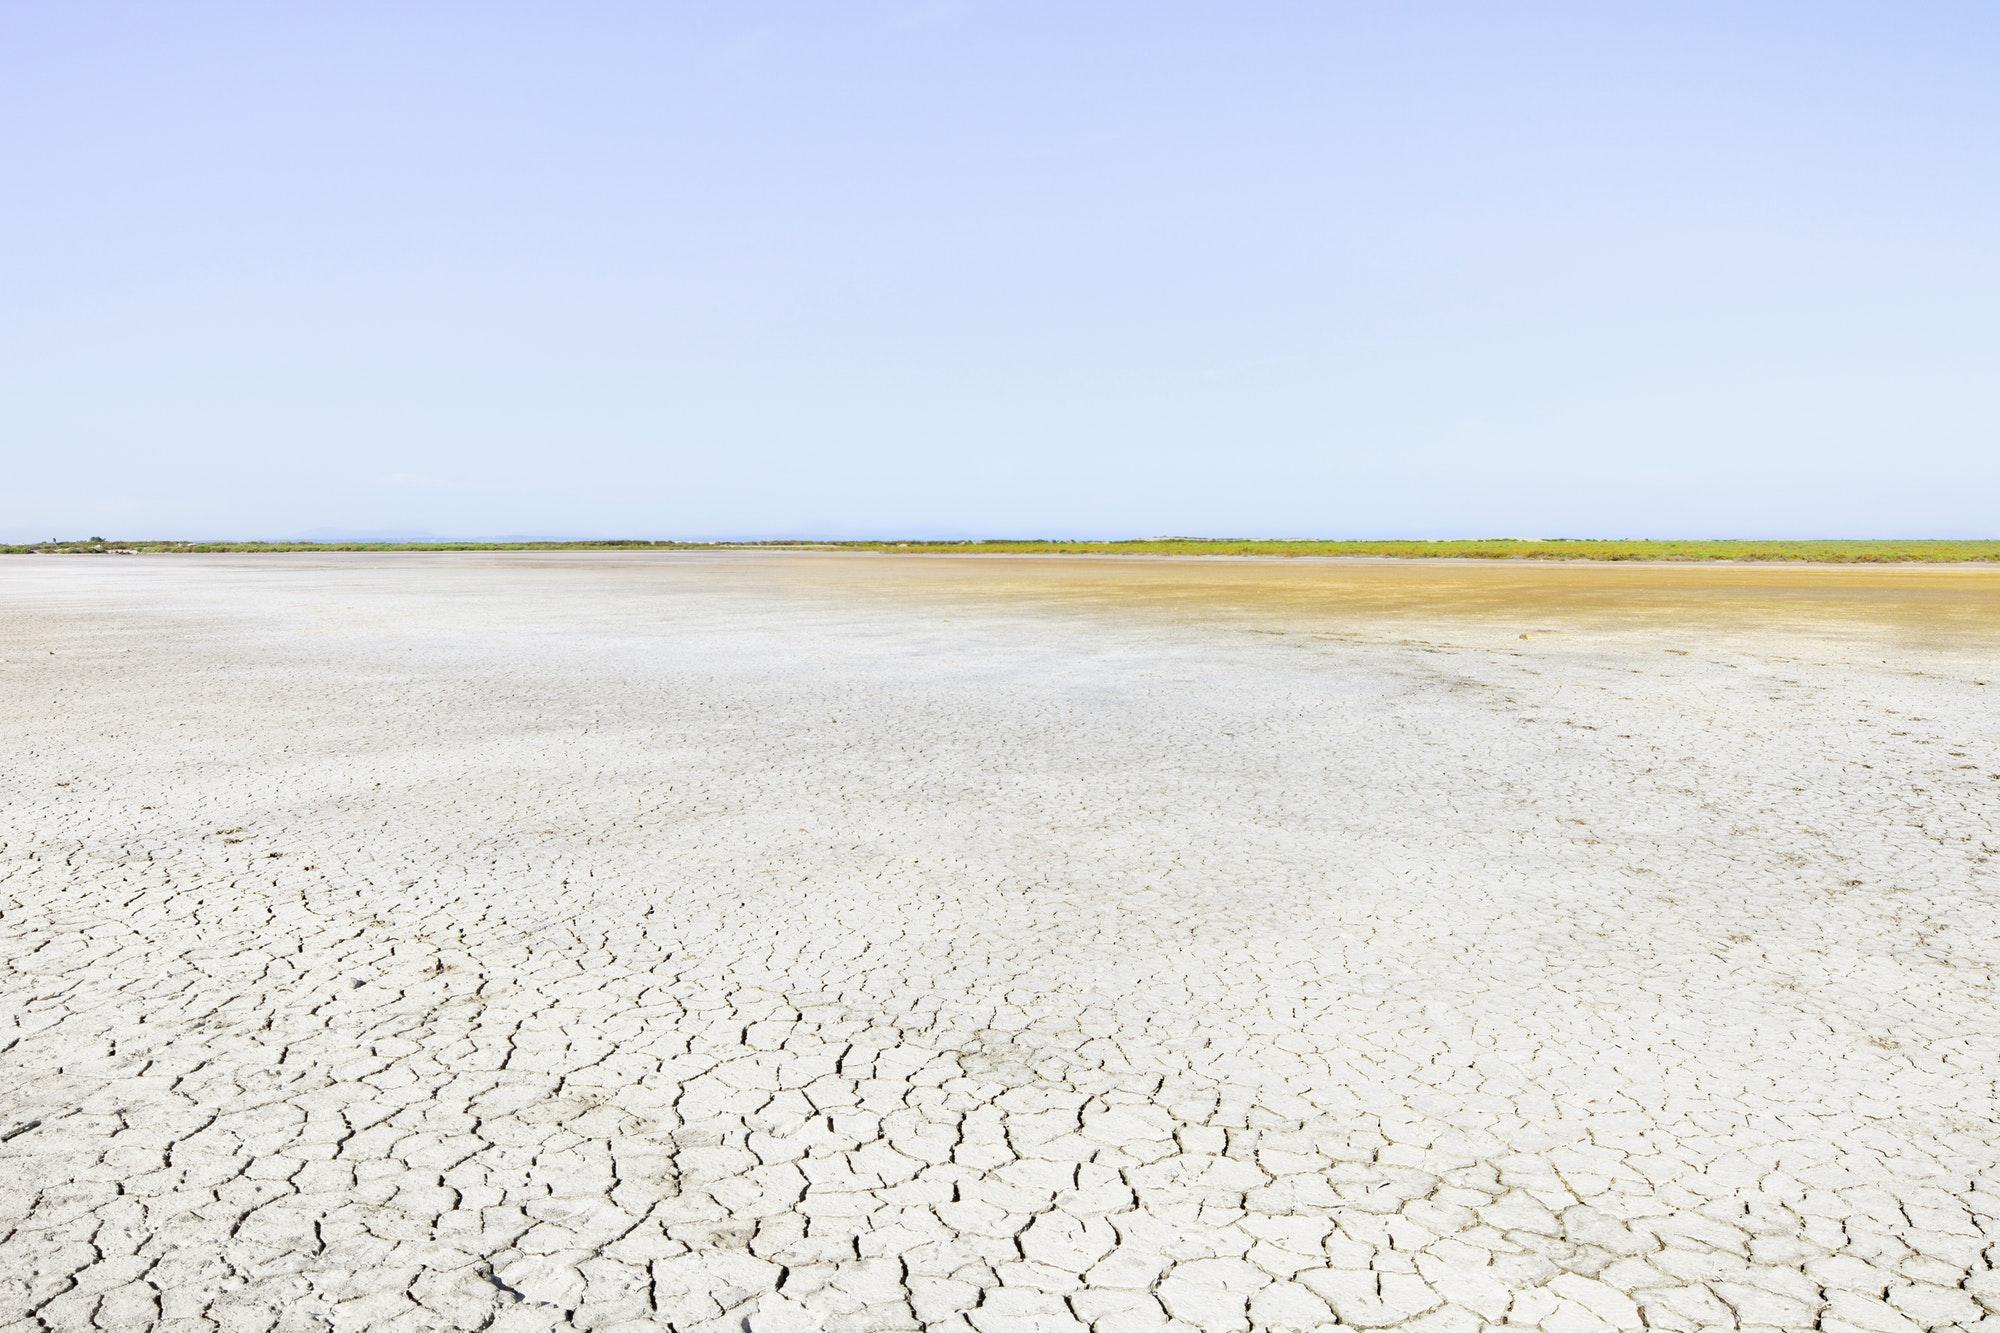 Camargue Rhone Park landscape, soil drought and horizon. Provence, France.